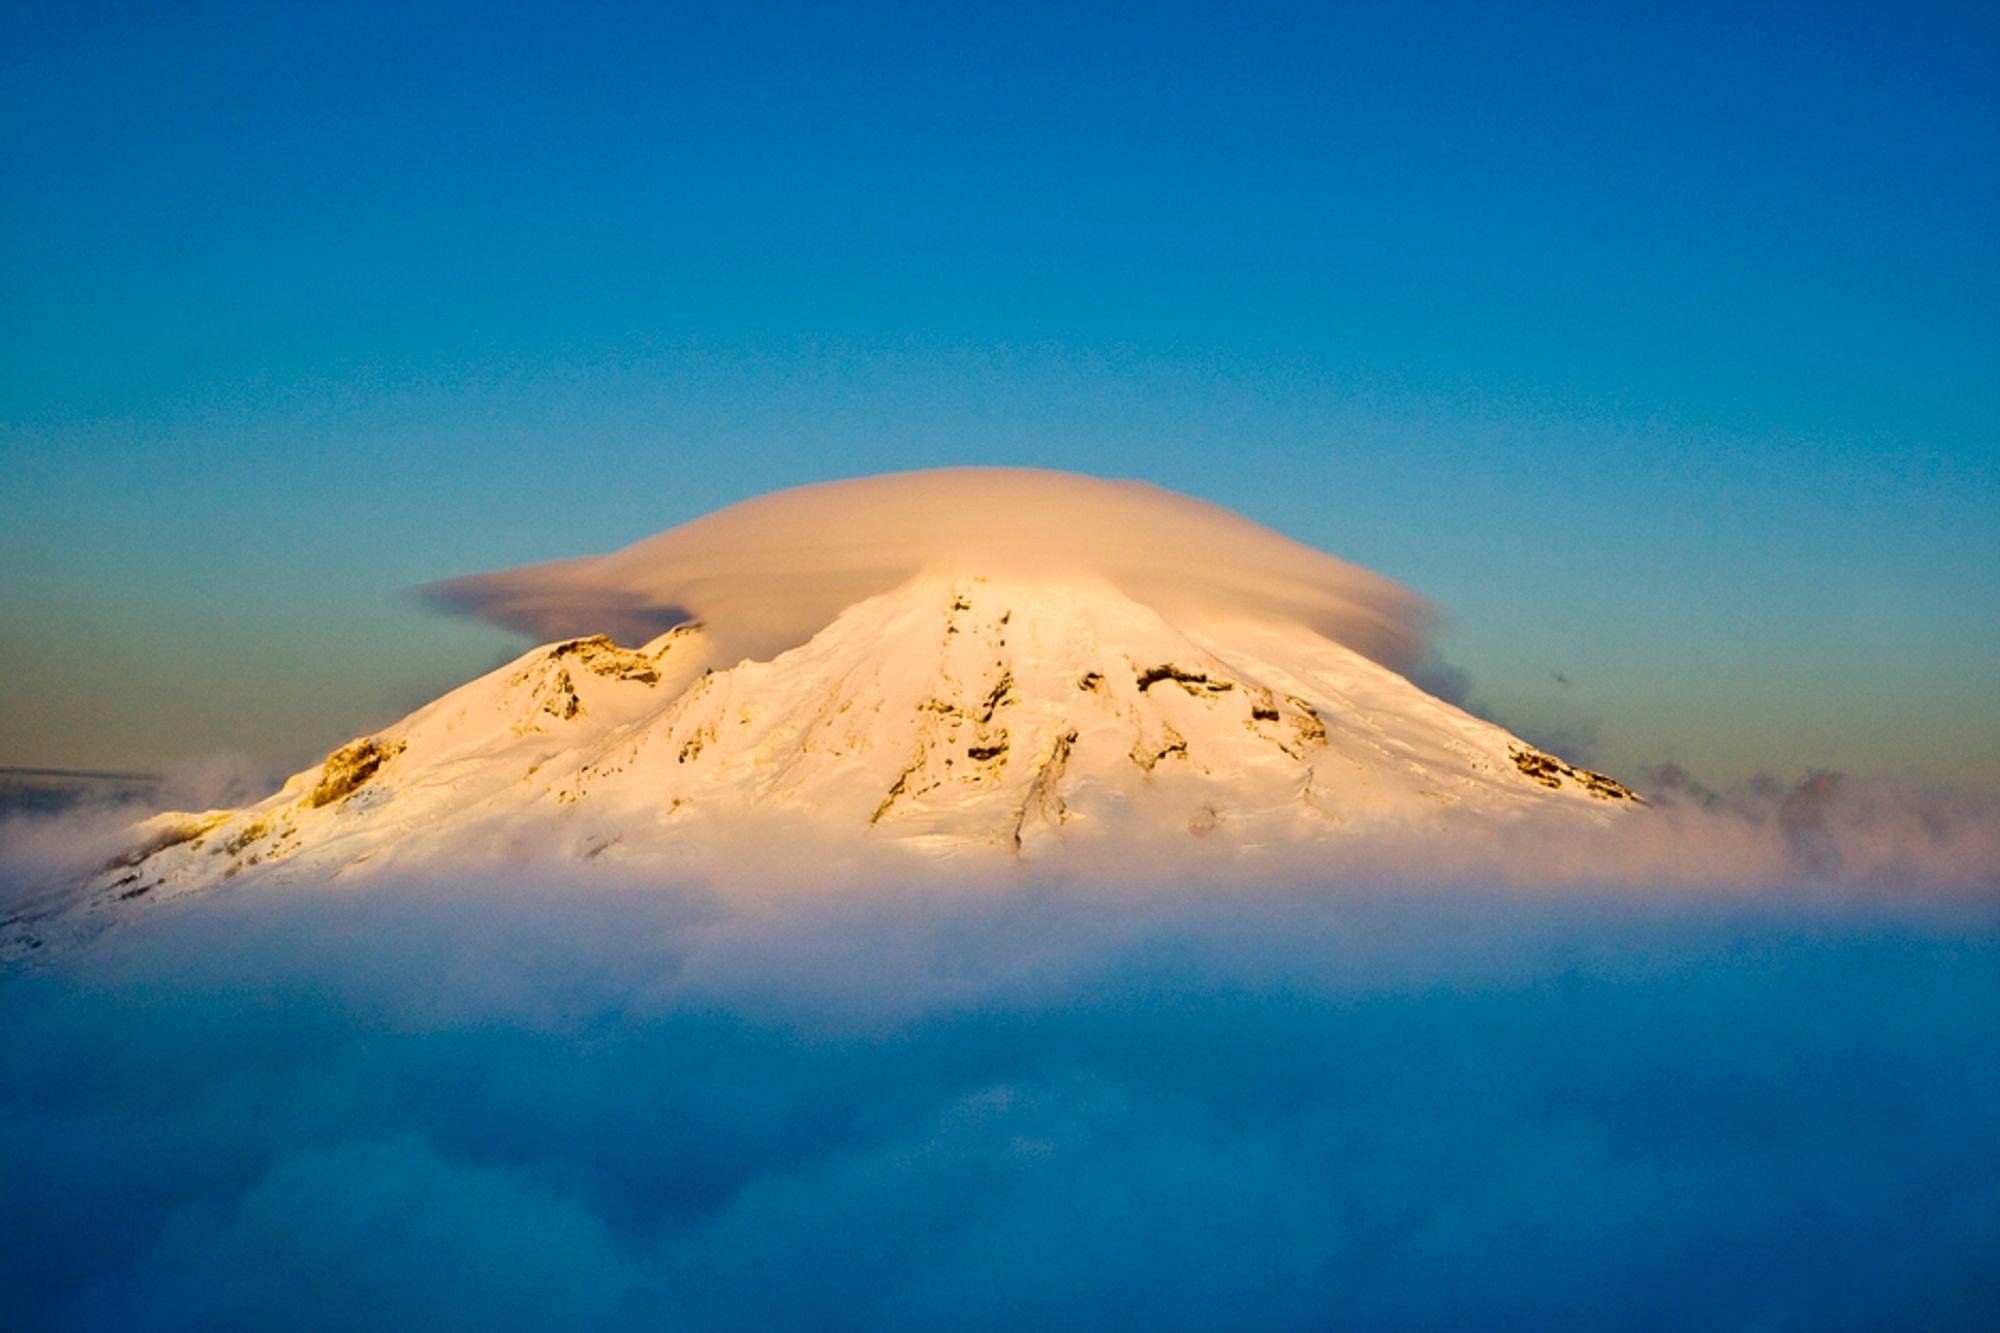 Vulkanen Beerenberg på Jan Mayen gjør havområdene rundt surere enn vanlig. Det gir gode forskningsforhold.